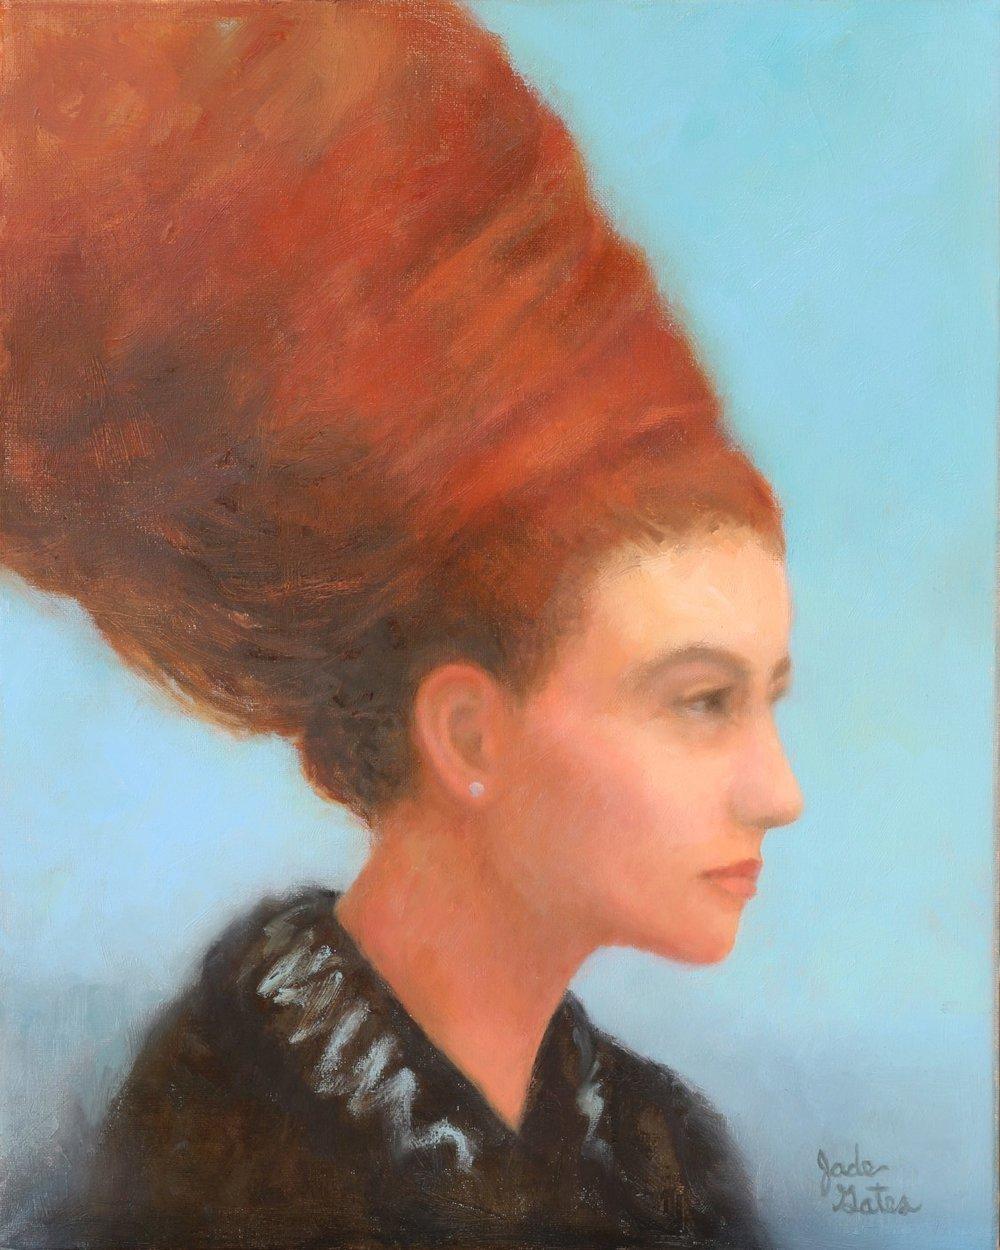 beehive-hairdo-portrait-painting-4138.jpg